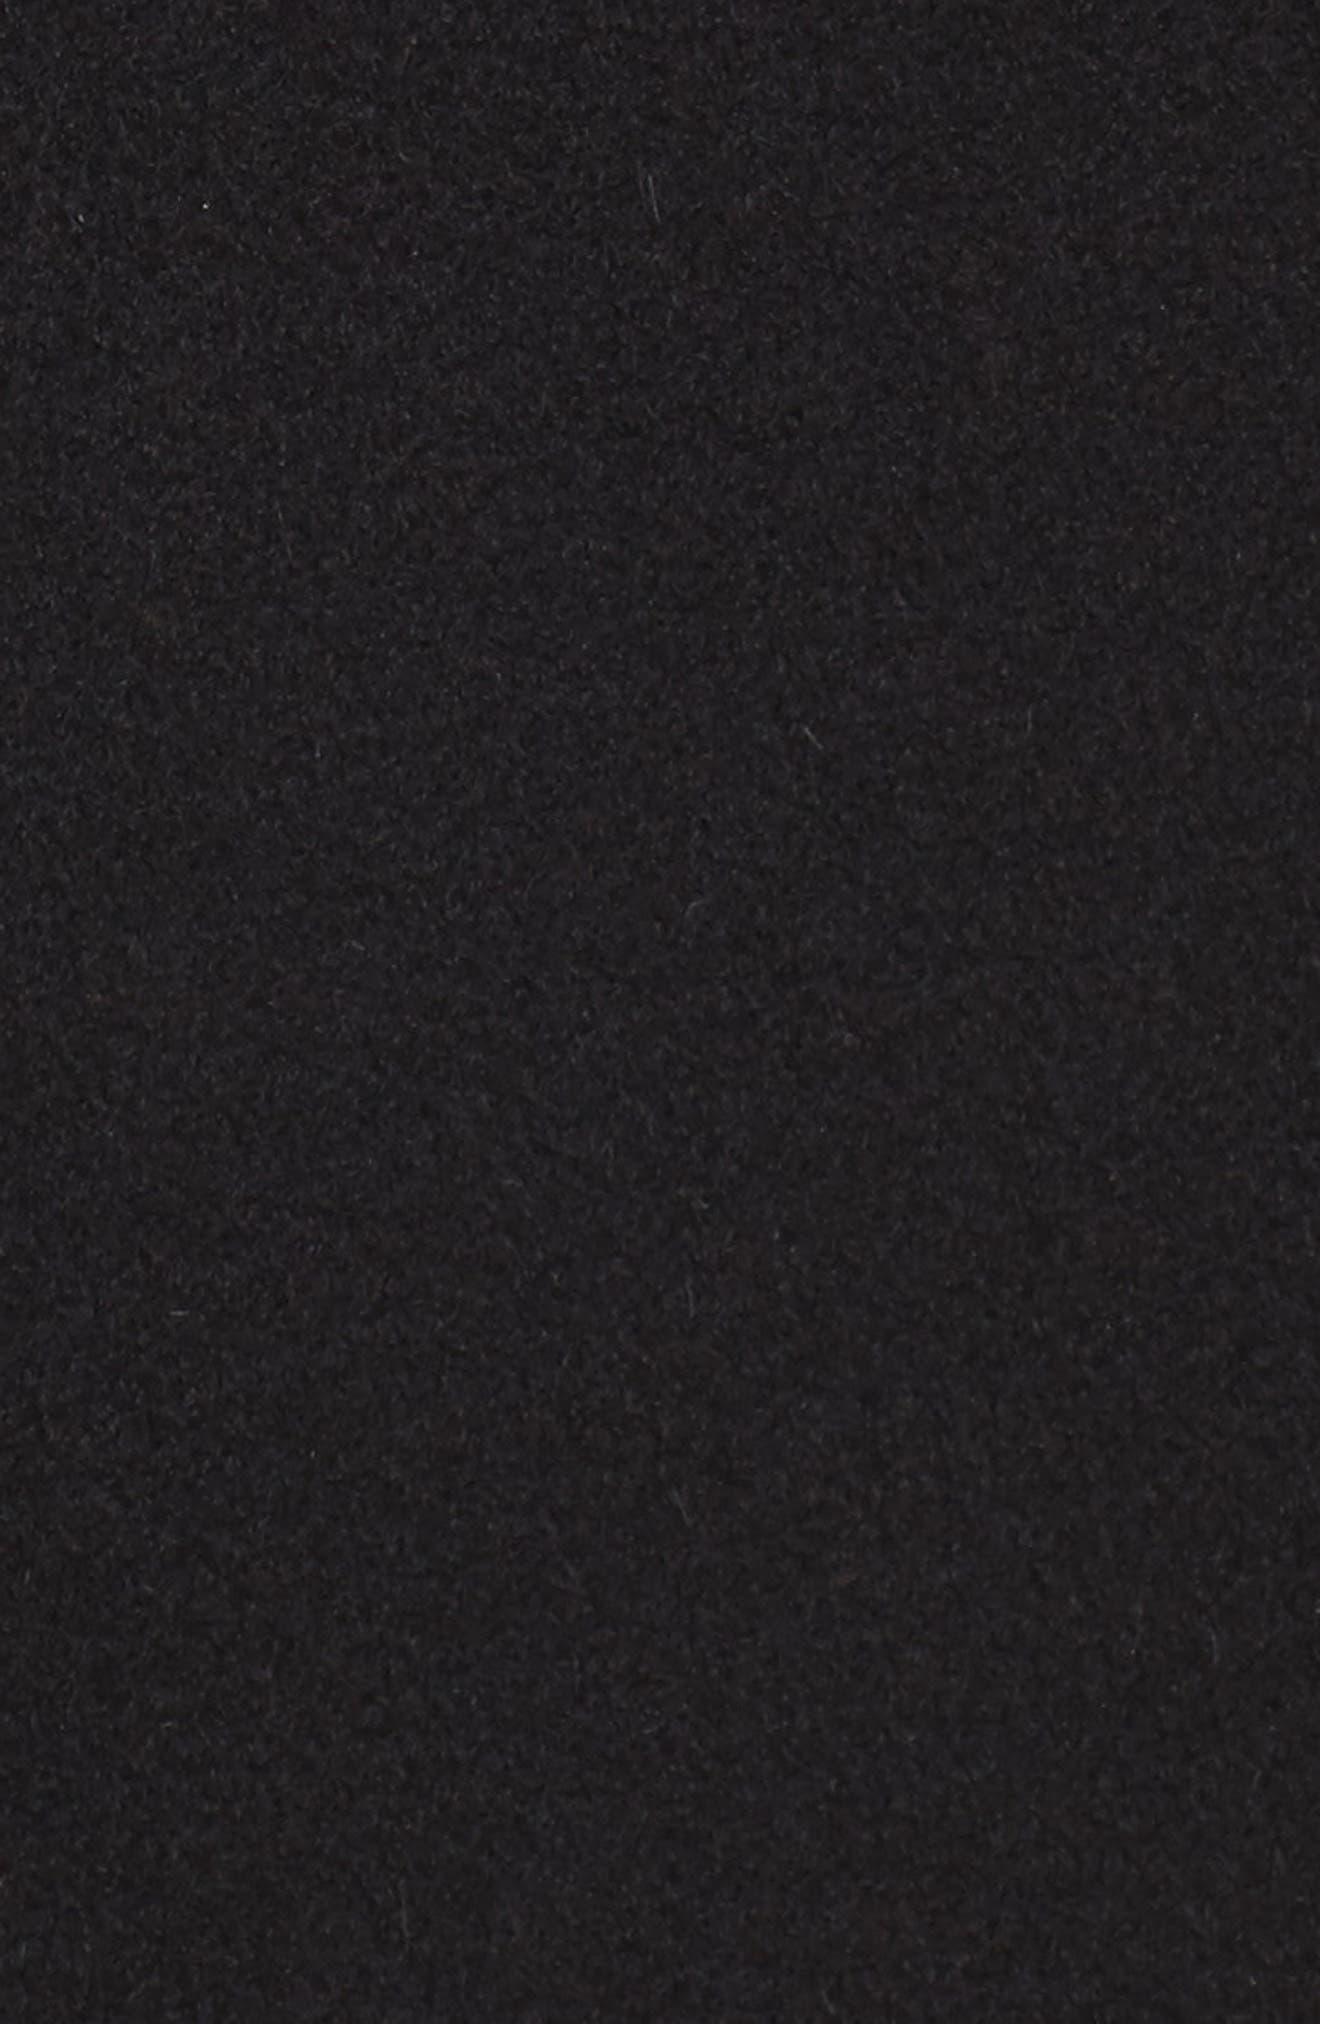 Notch Collar Cashmere Wrap Coat,                             Alternate thumbnail 6, color,                             001